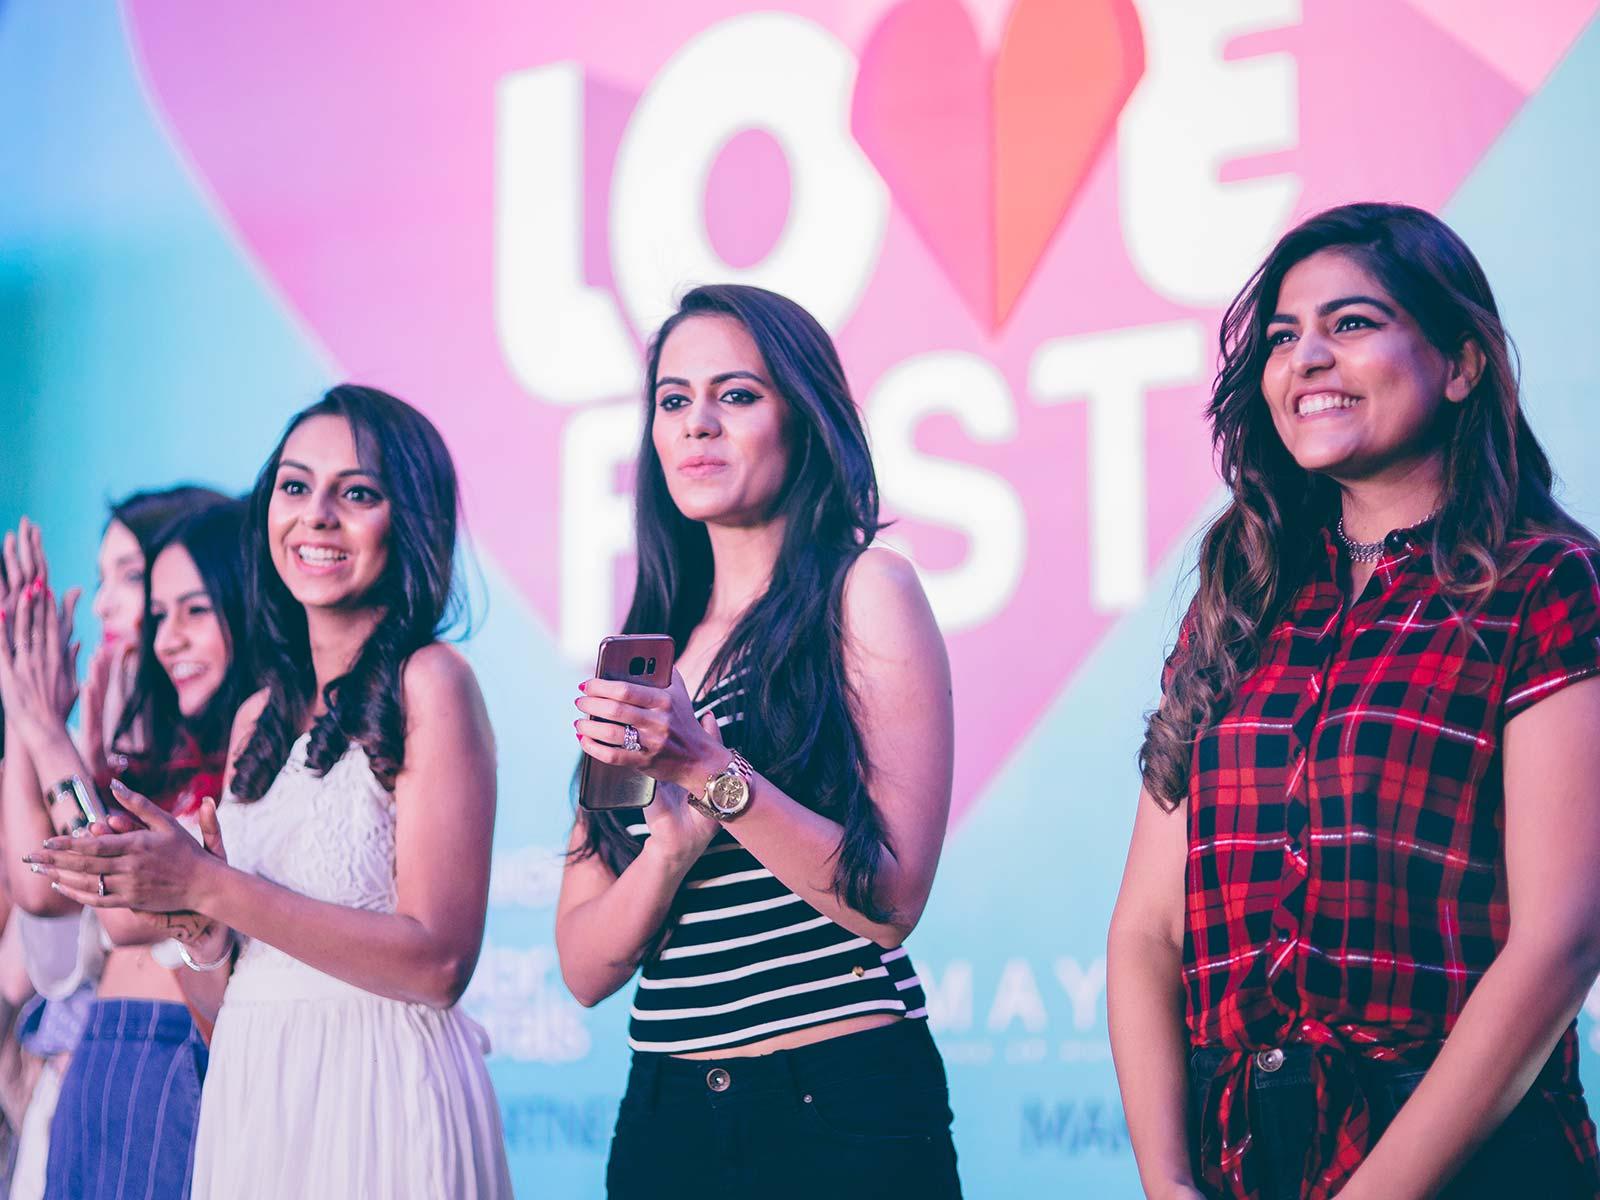 From L-to-R Devina Malhotra, Maia Sethna, Komal Pandey, Aanam C, Aakriti Rana and Kritika Khurana